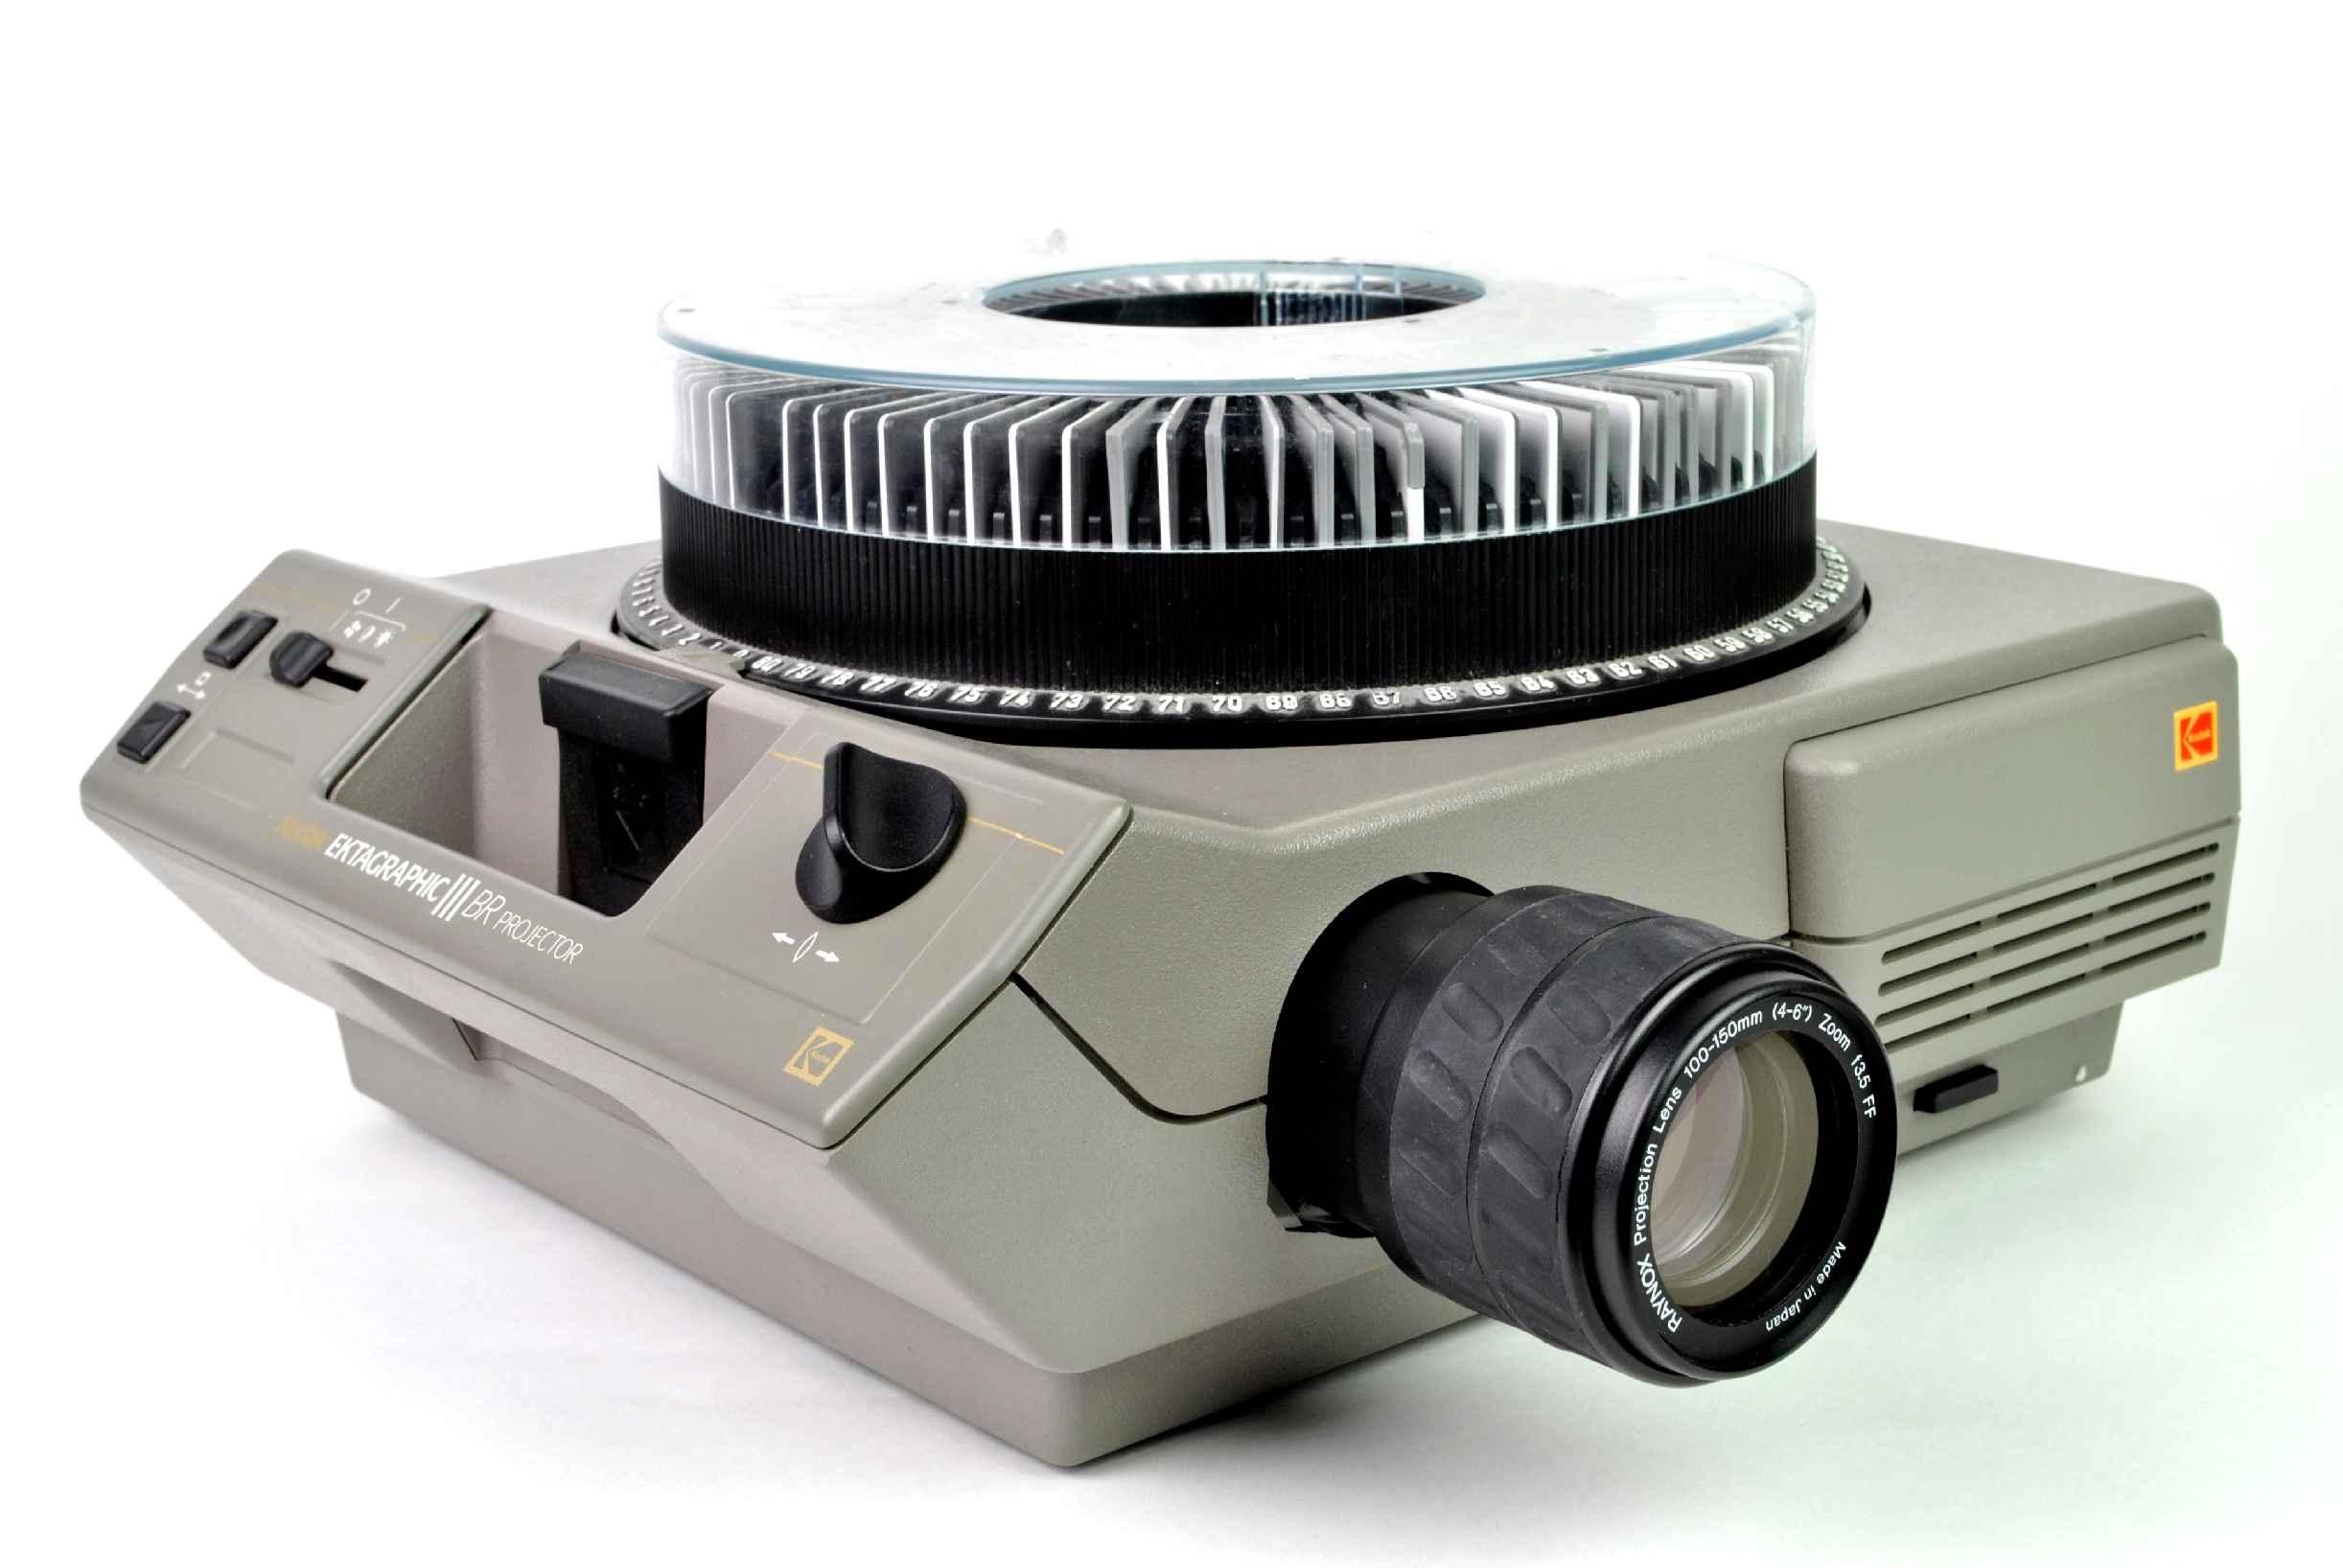 kodak ektagraphic iii slide projectors spare parts and rh van eck net